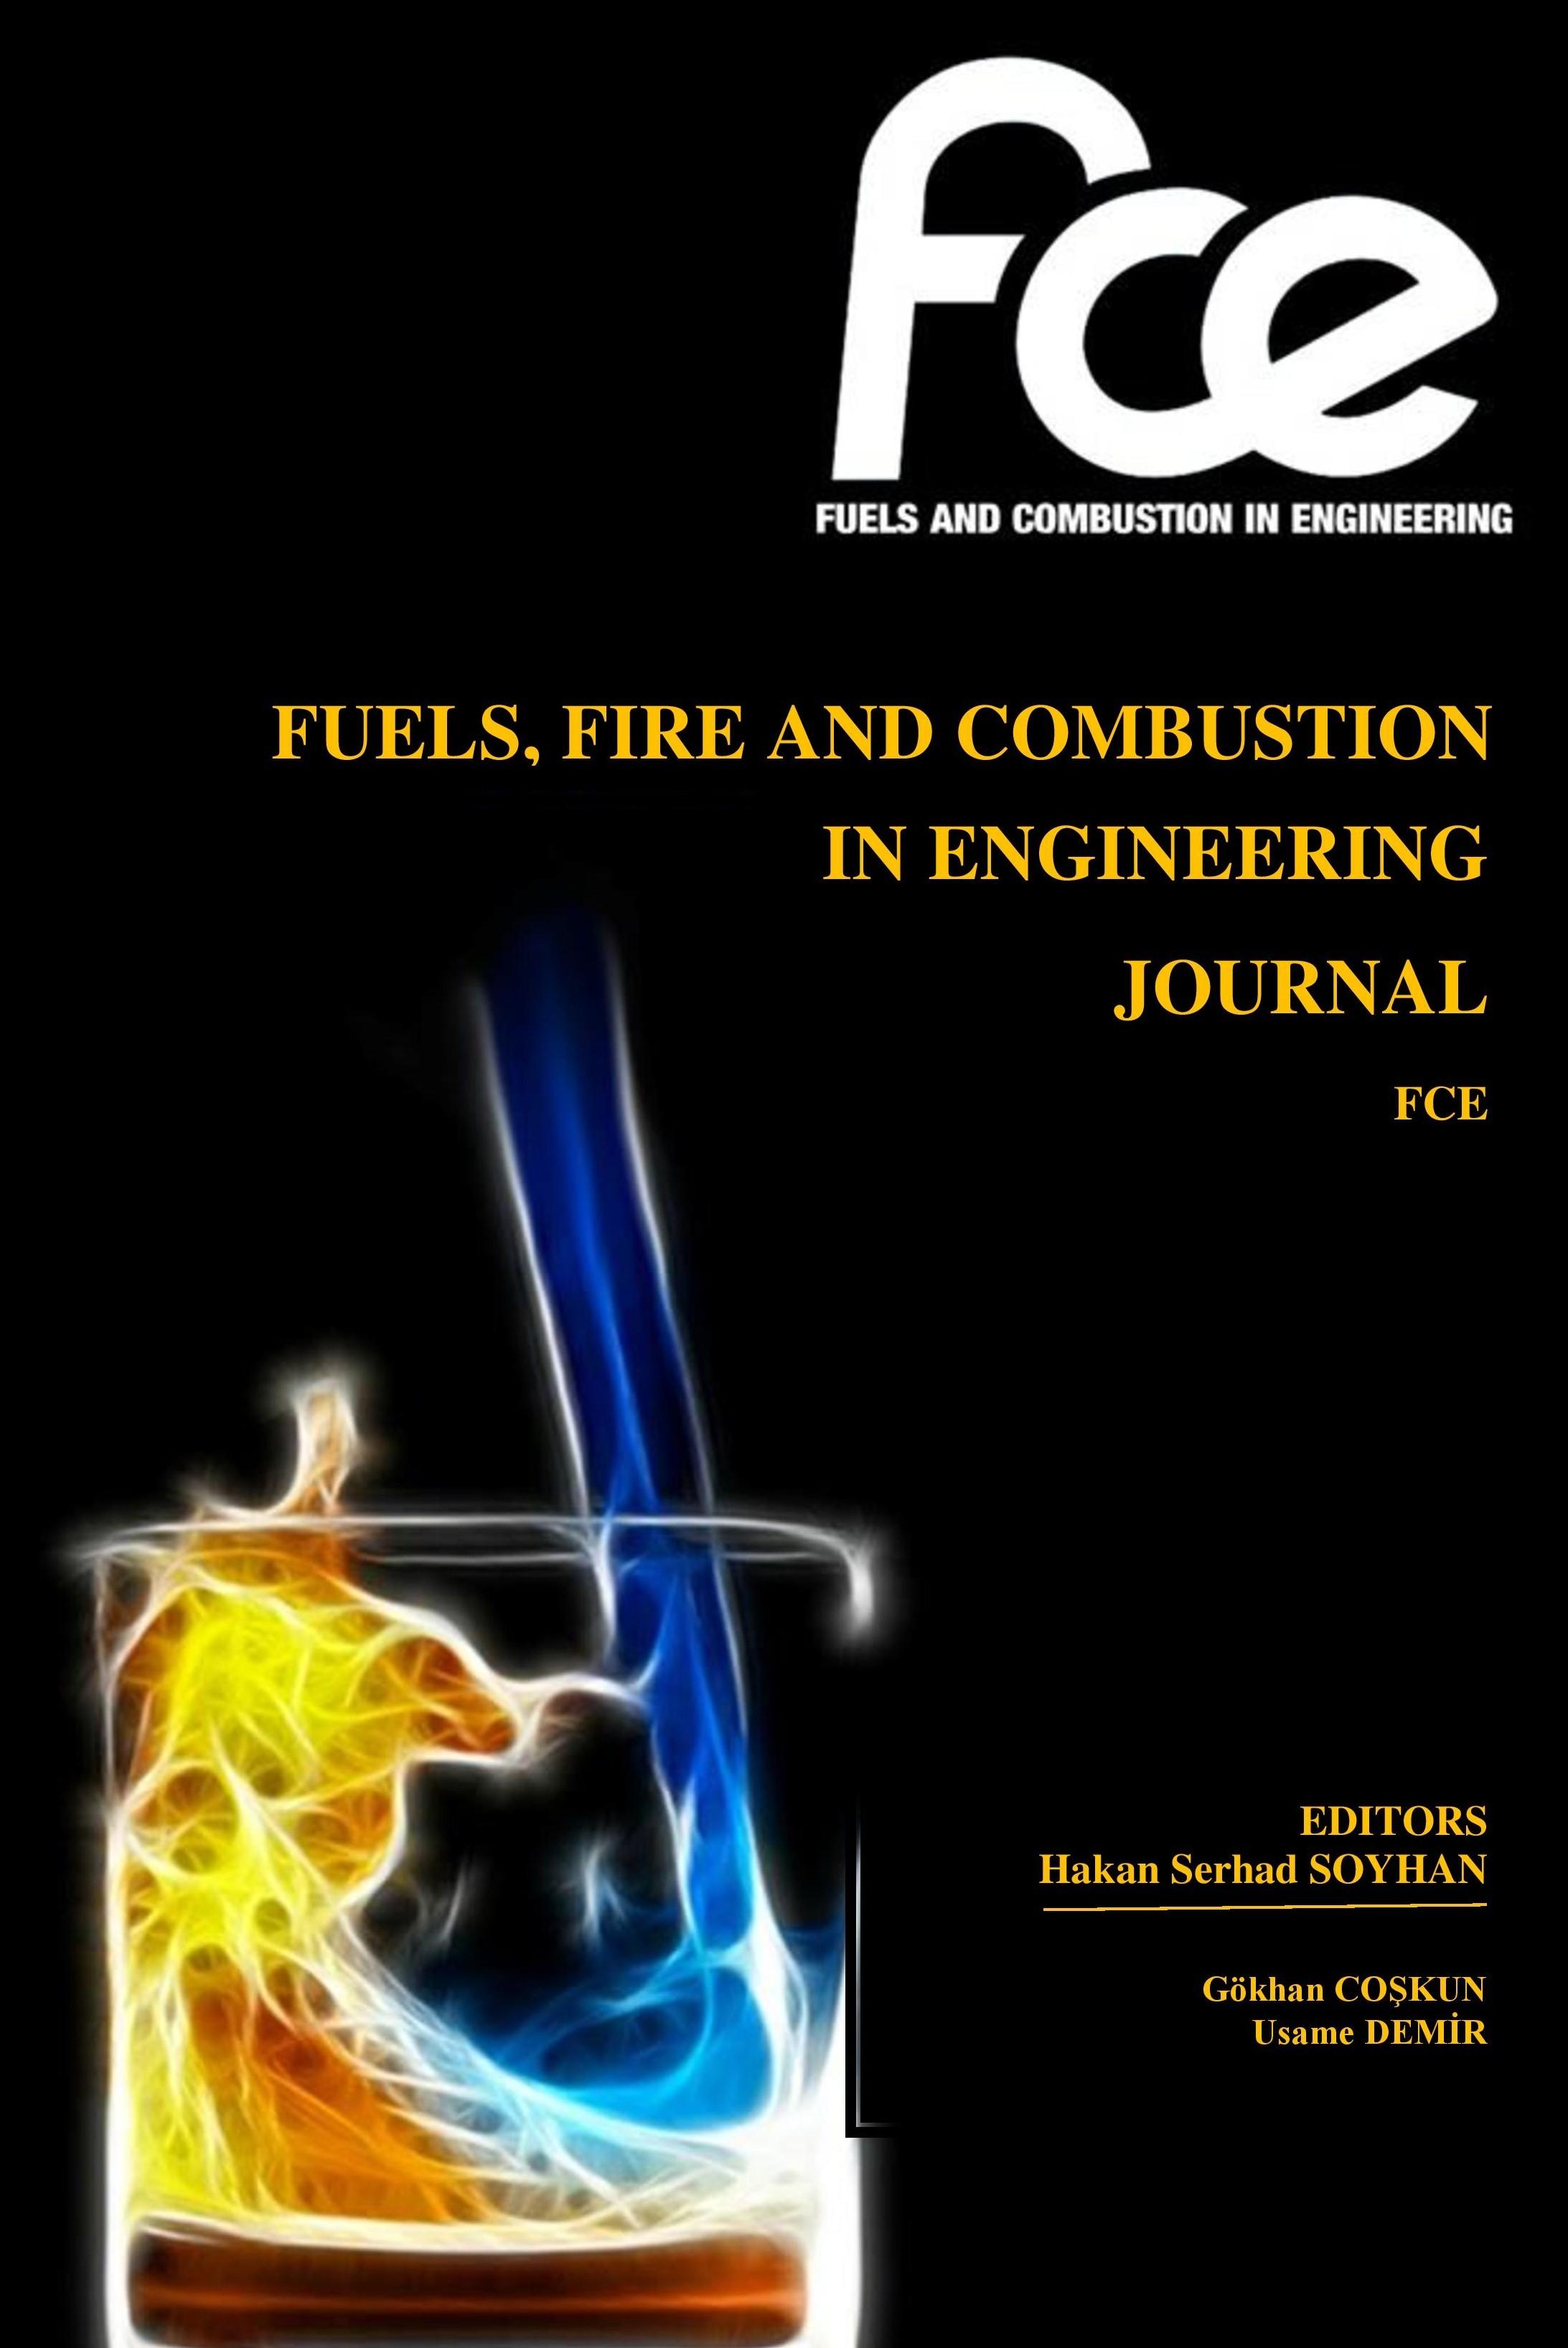 Uluslararası Yakıtlar, Yanma Ve Yangın Dergisi